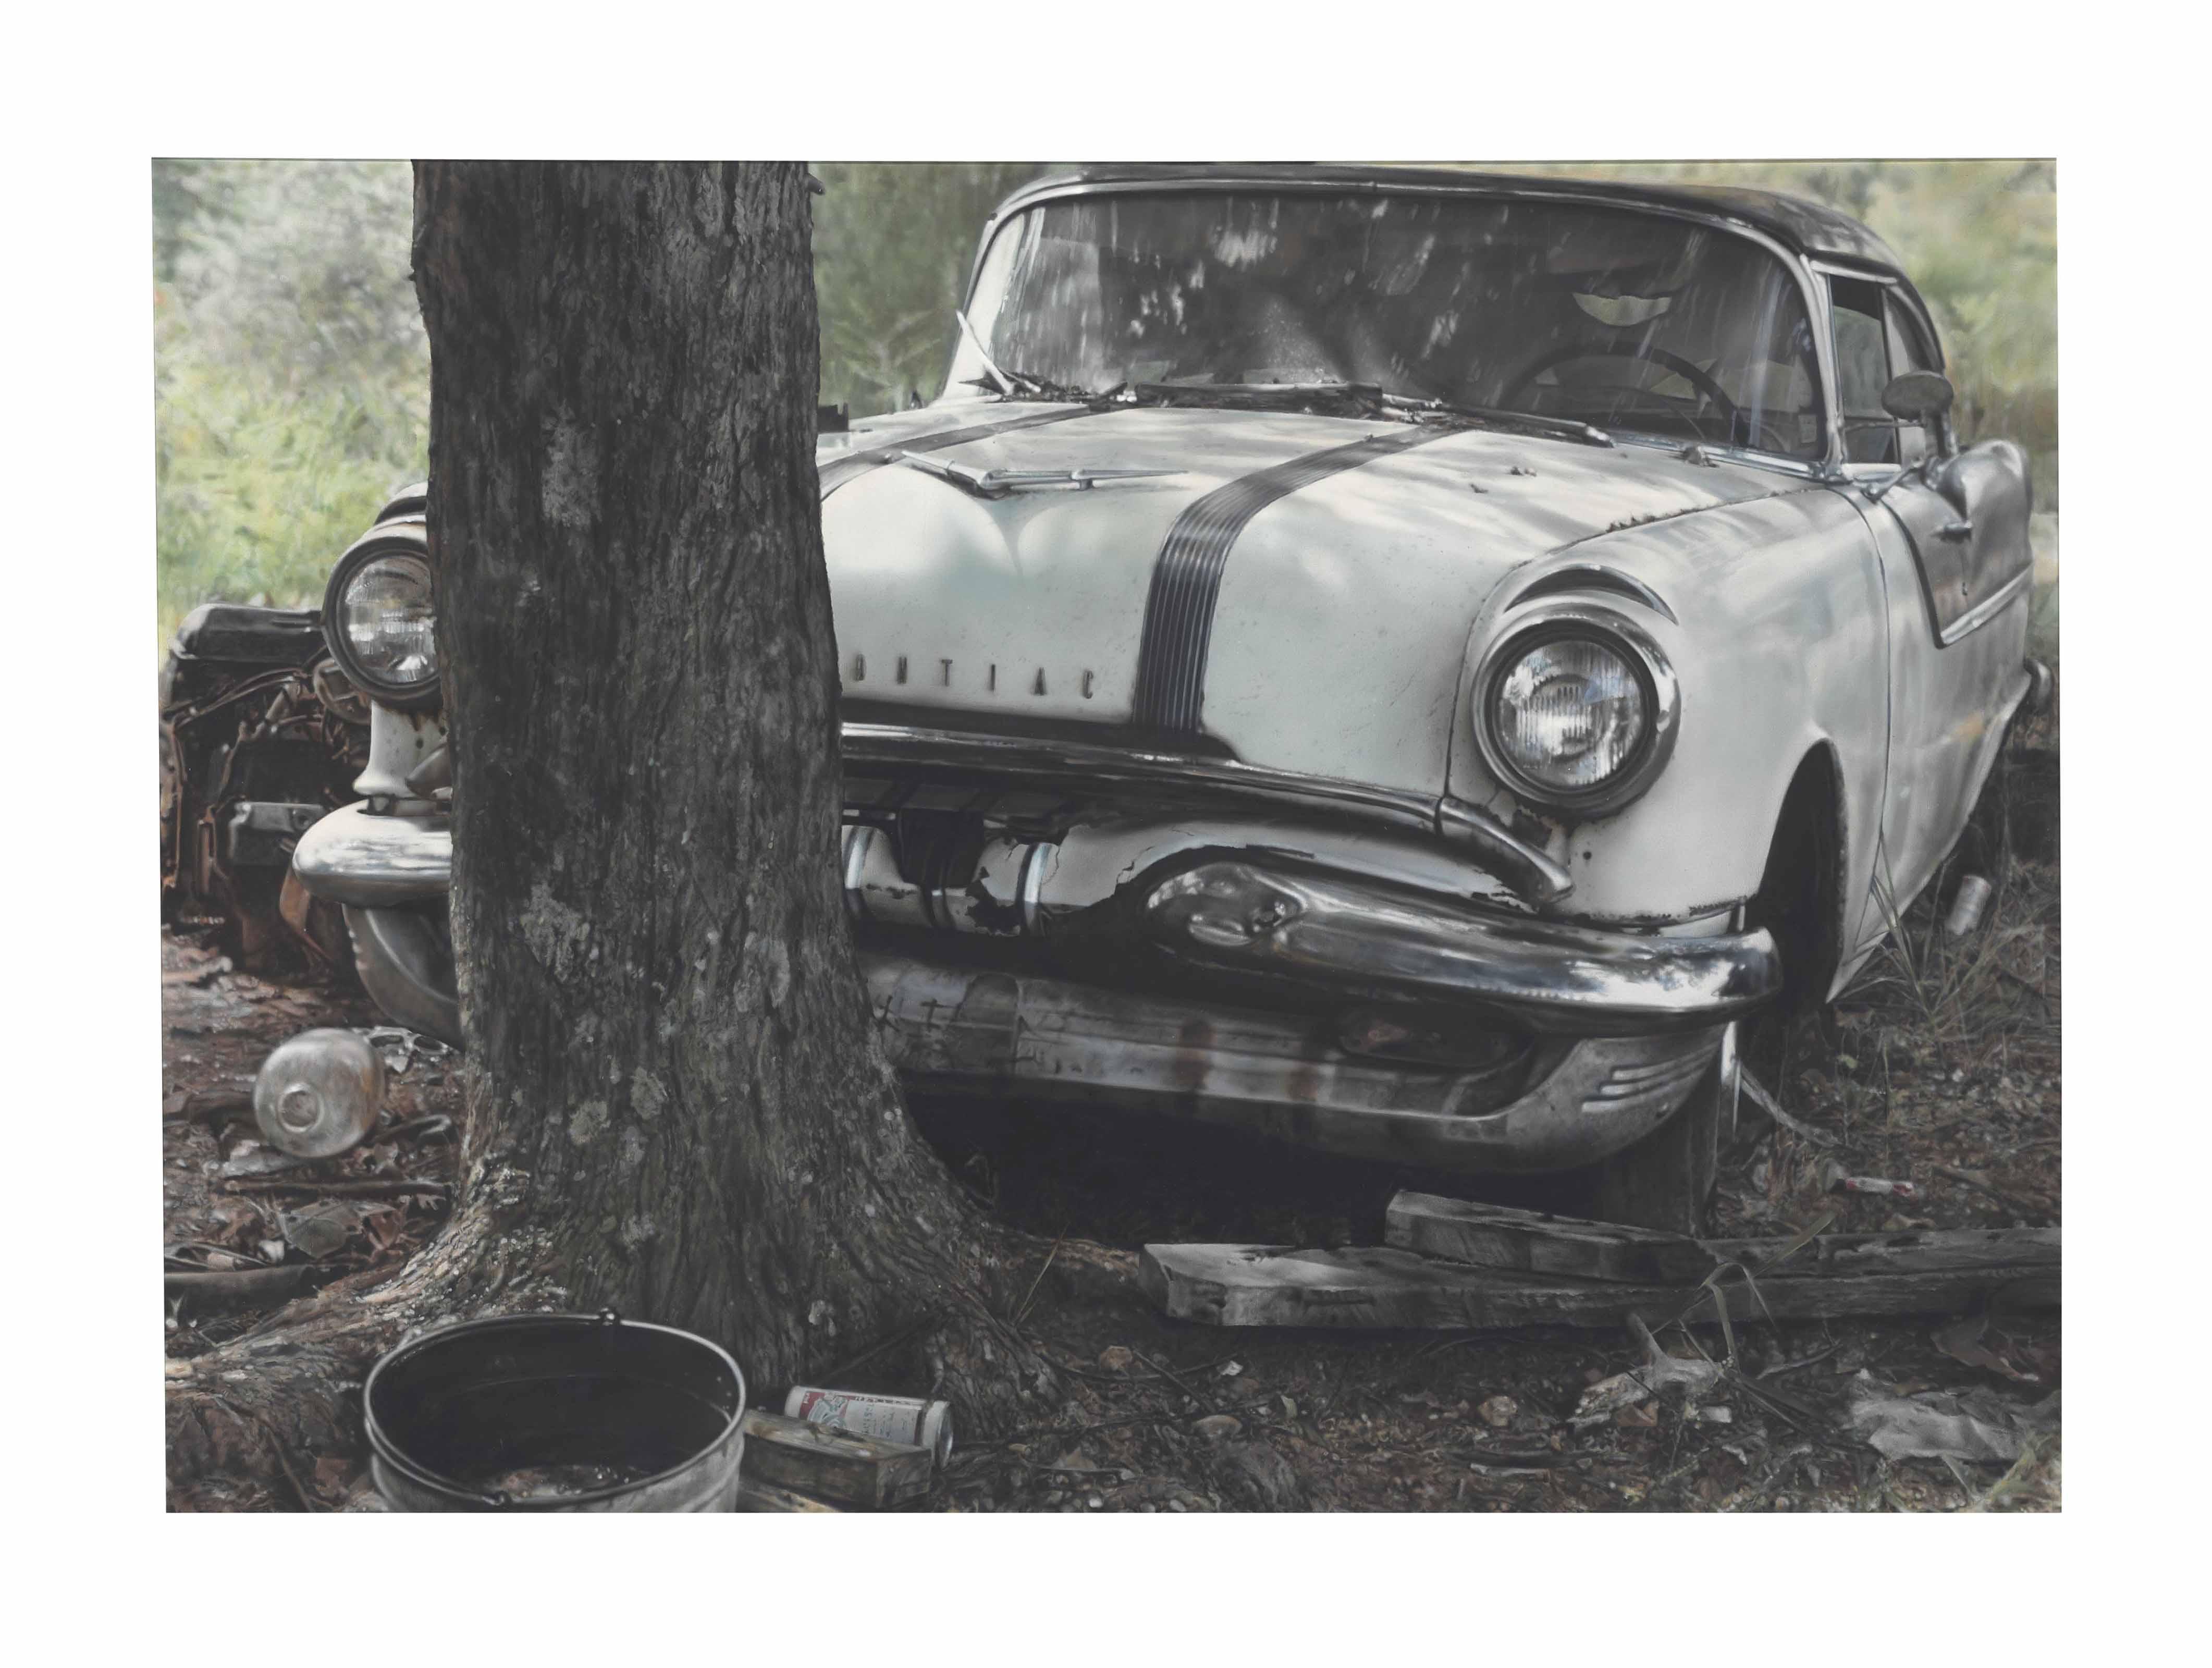 Pontiac with Tree Trunk